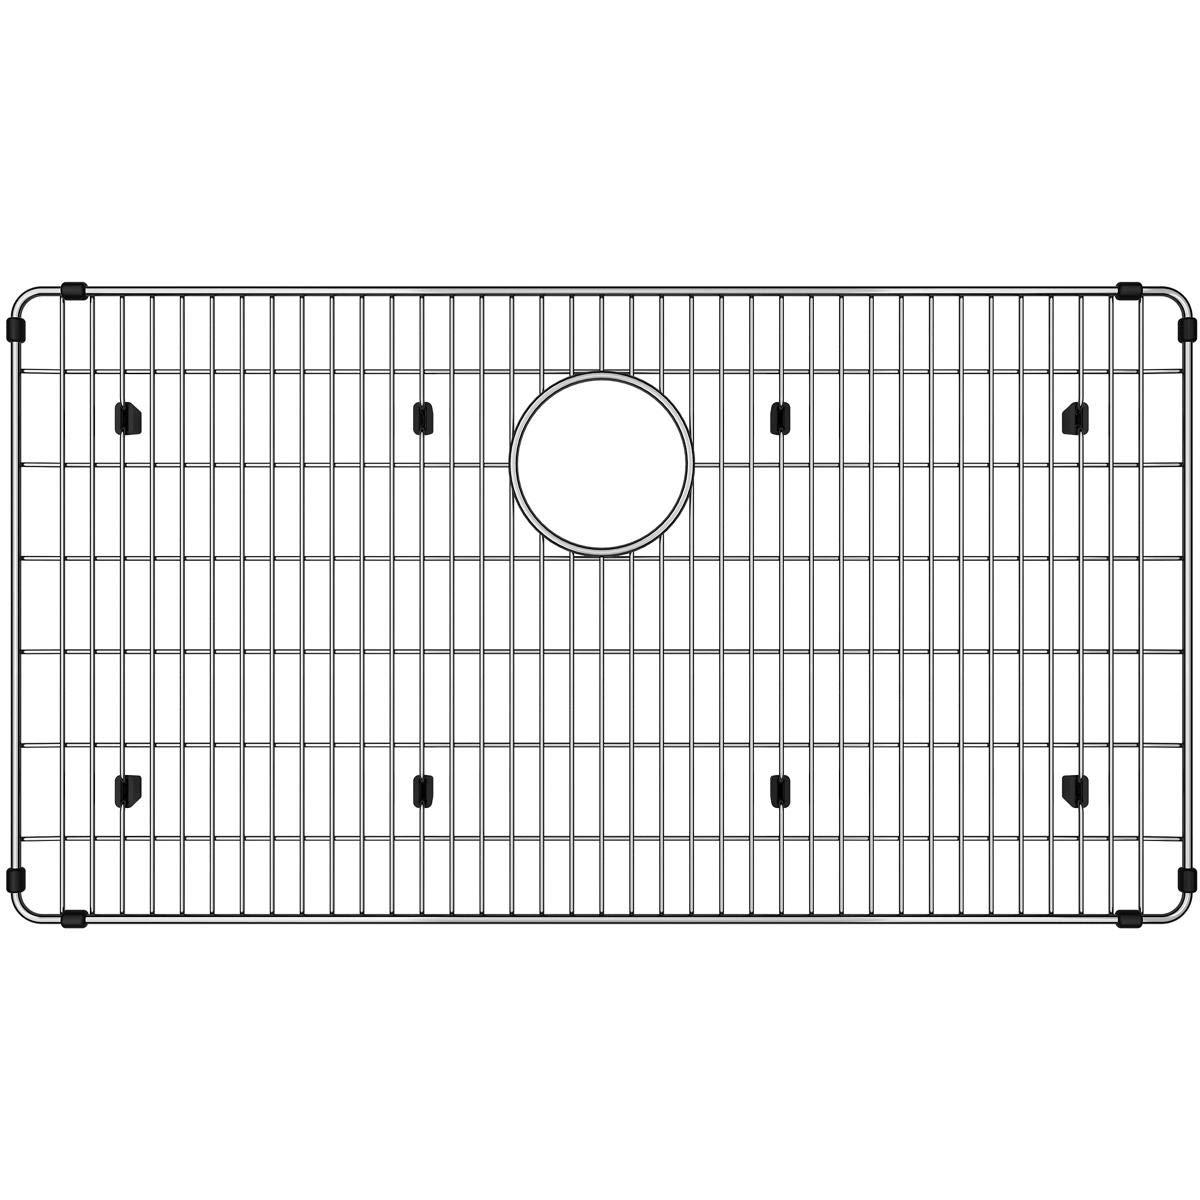 Elkay EBG2815 Stainless Steel Bottom Grid by Elkay